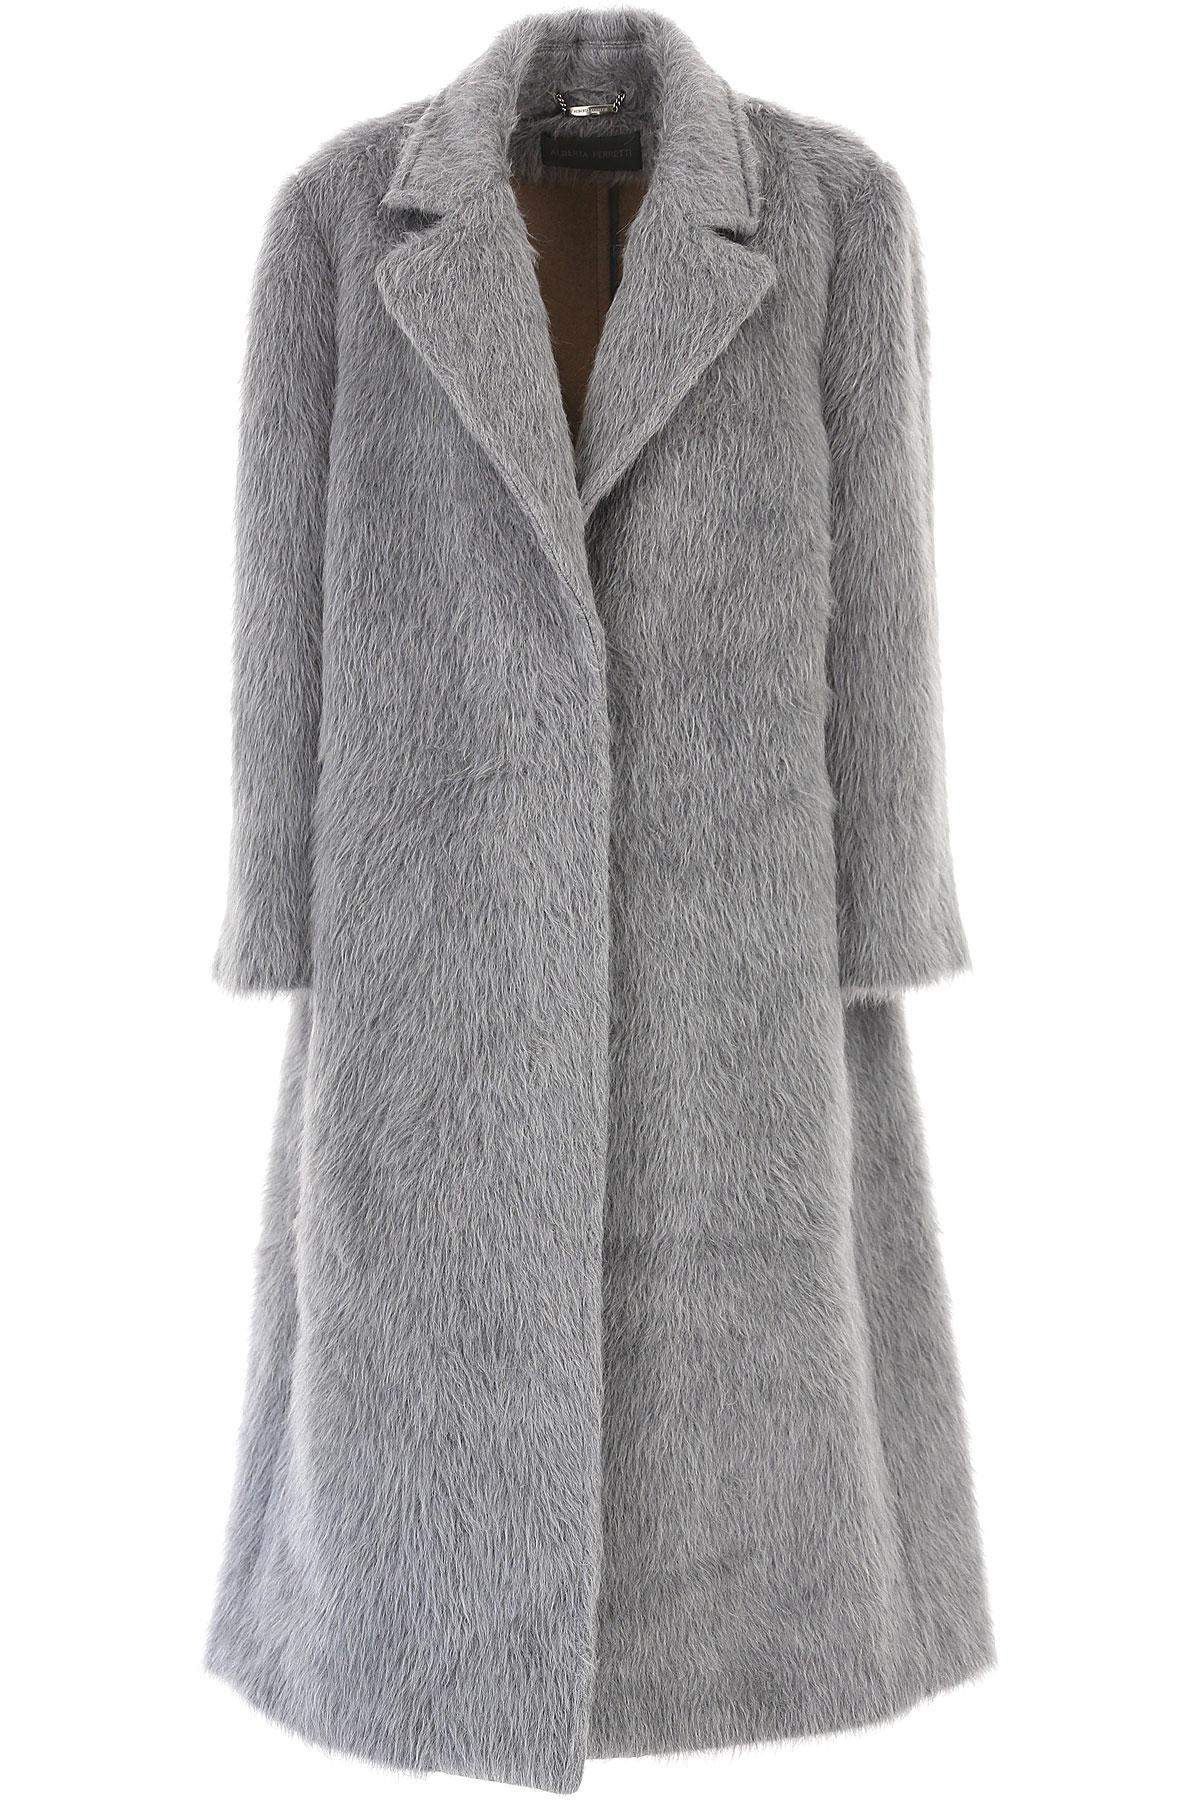 Alberta Ferretti Women's Coat, Light Grey, alpaca, 2019, 4 6